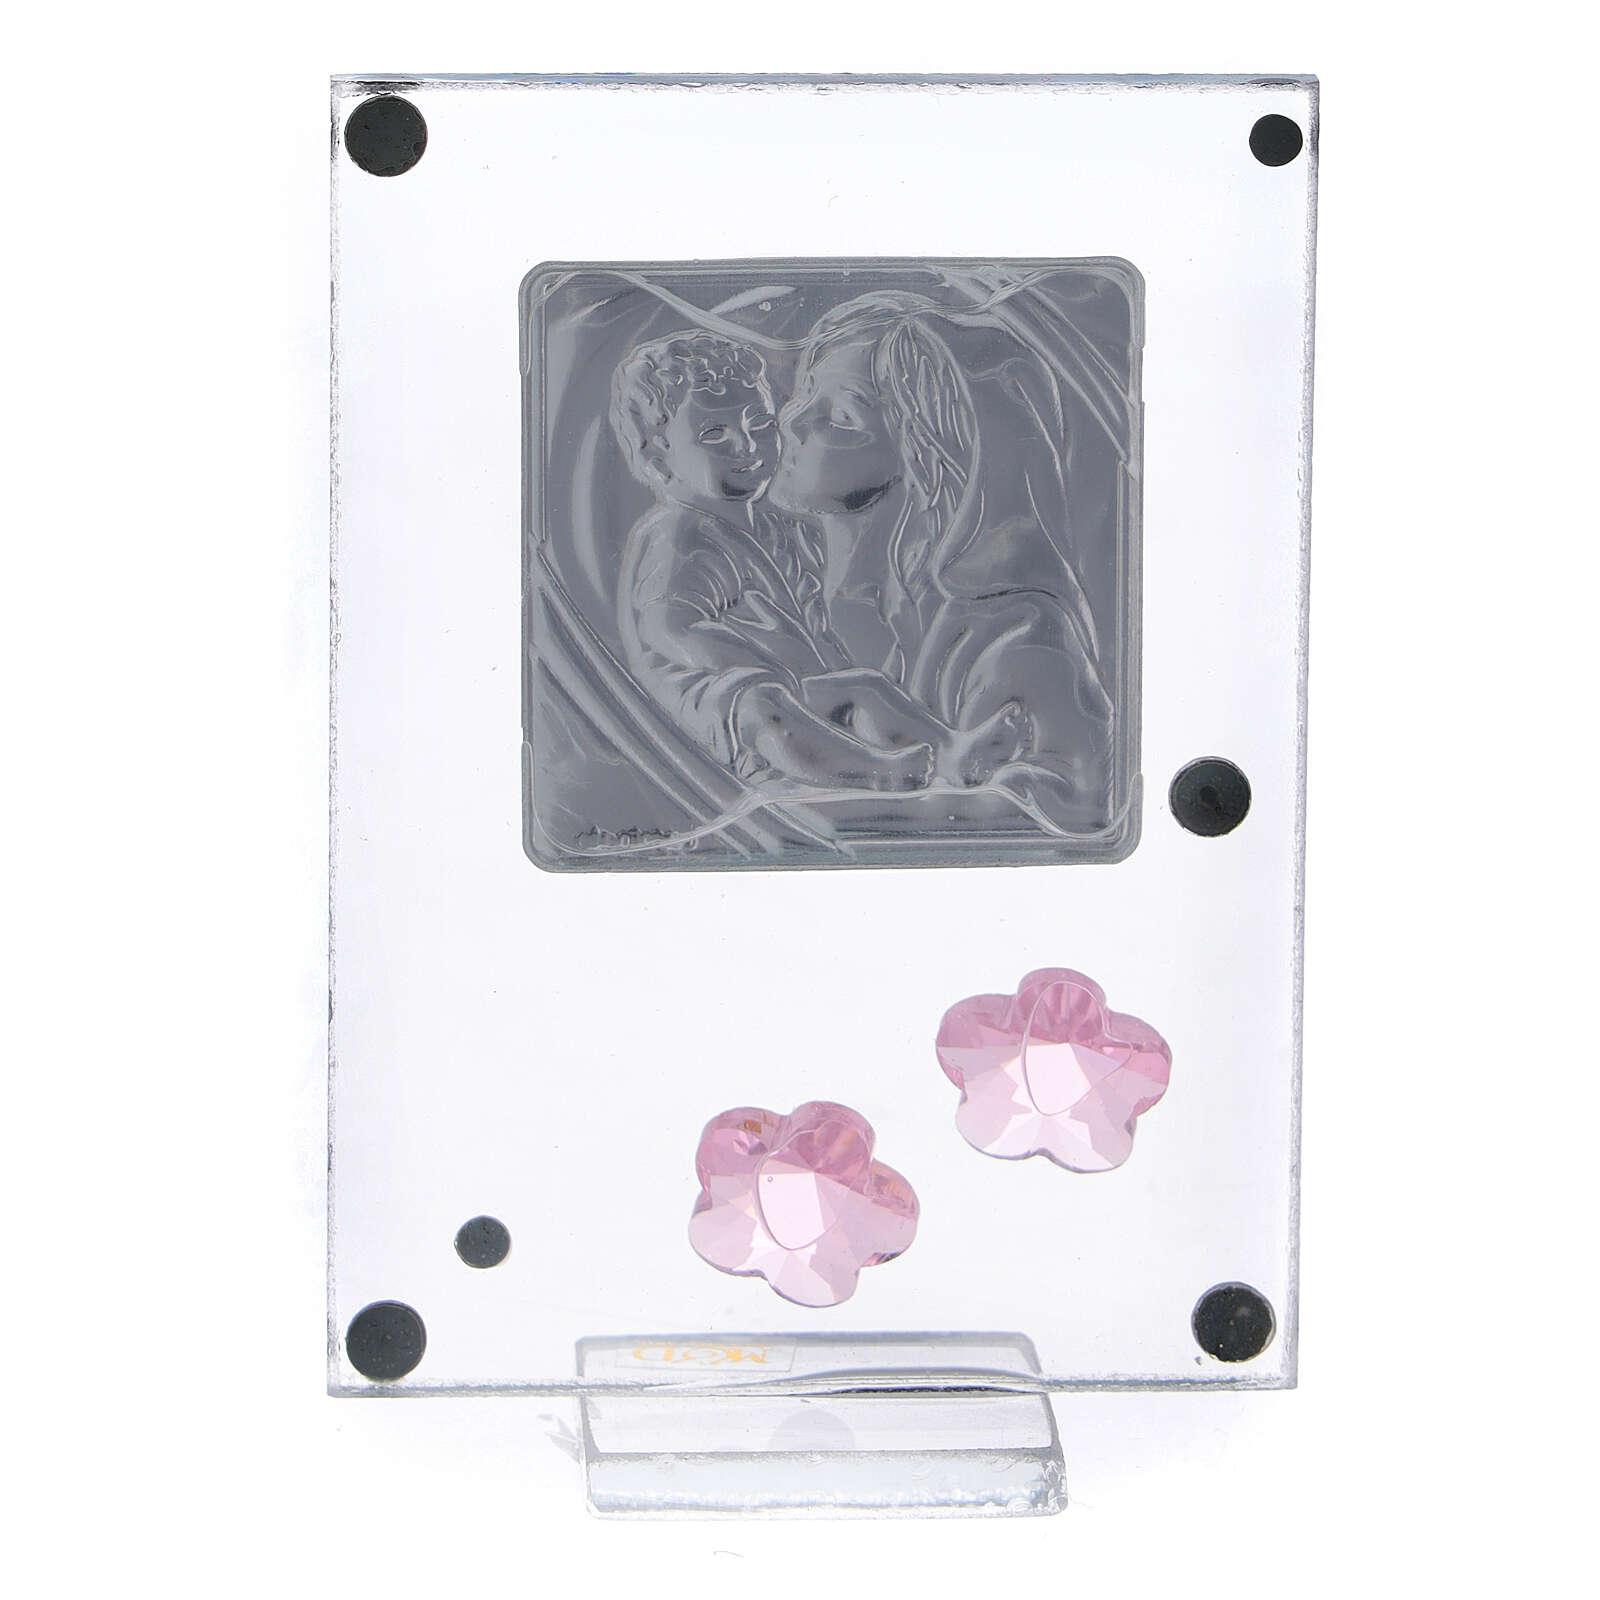 Enfeite flores cor-de-rosa prata bilaminada Batismo Maternidade 3